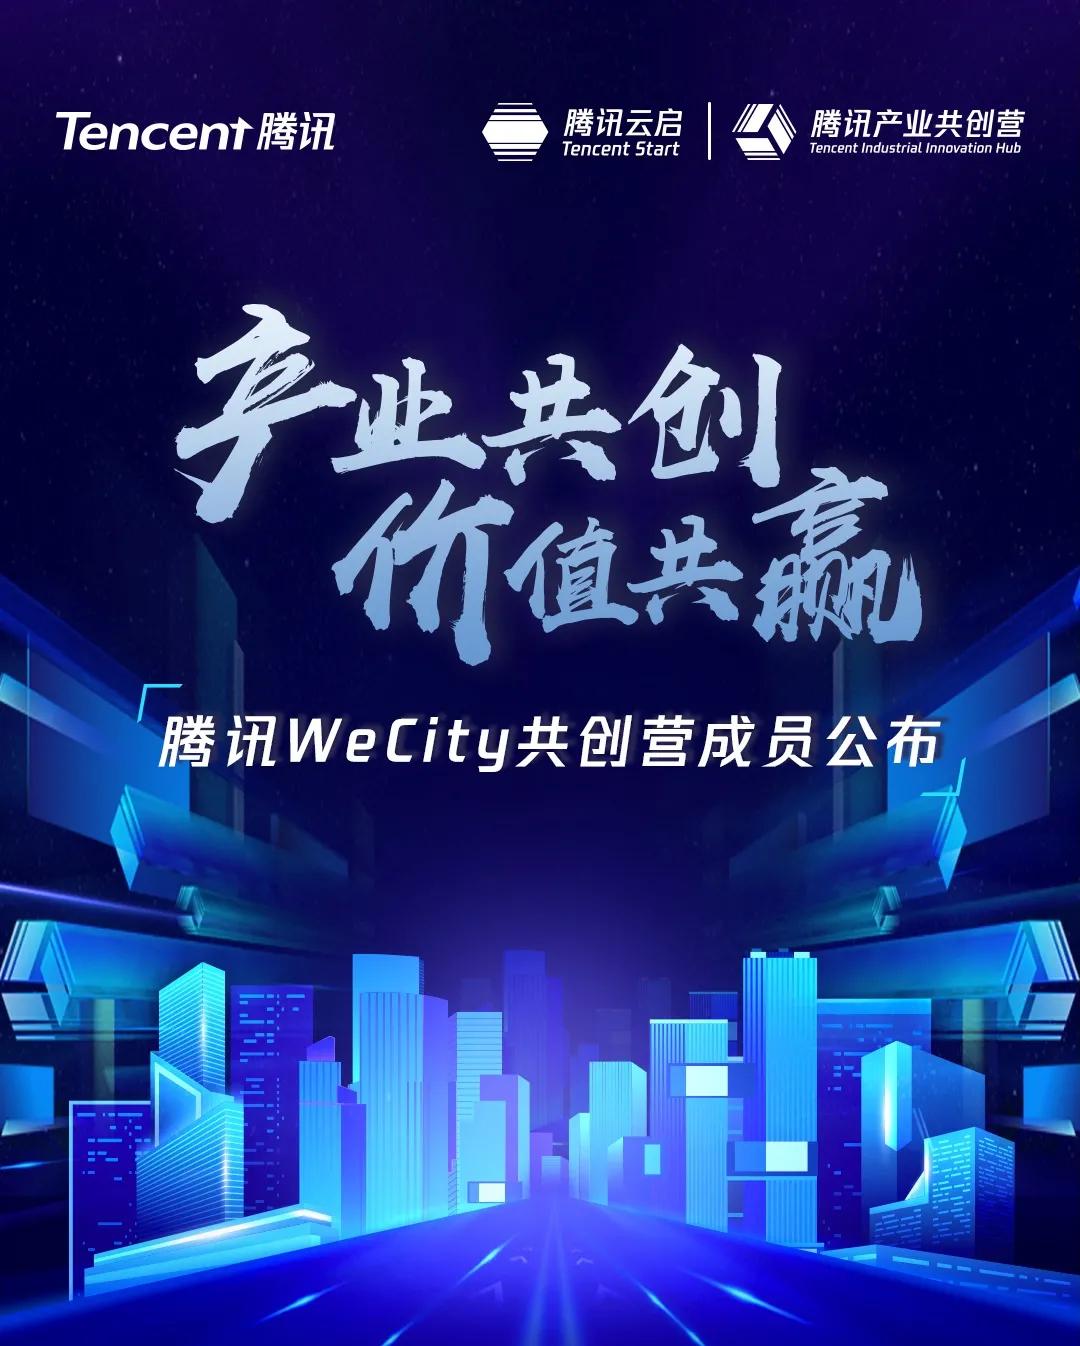 唯一BI企业,永洪科技入选腾讯产业共创营2021